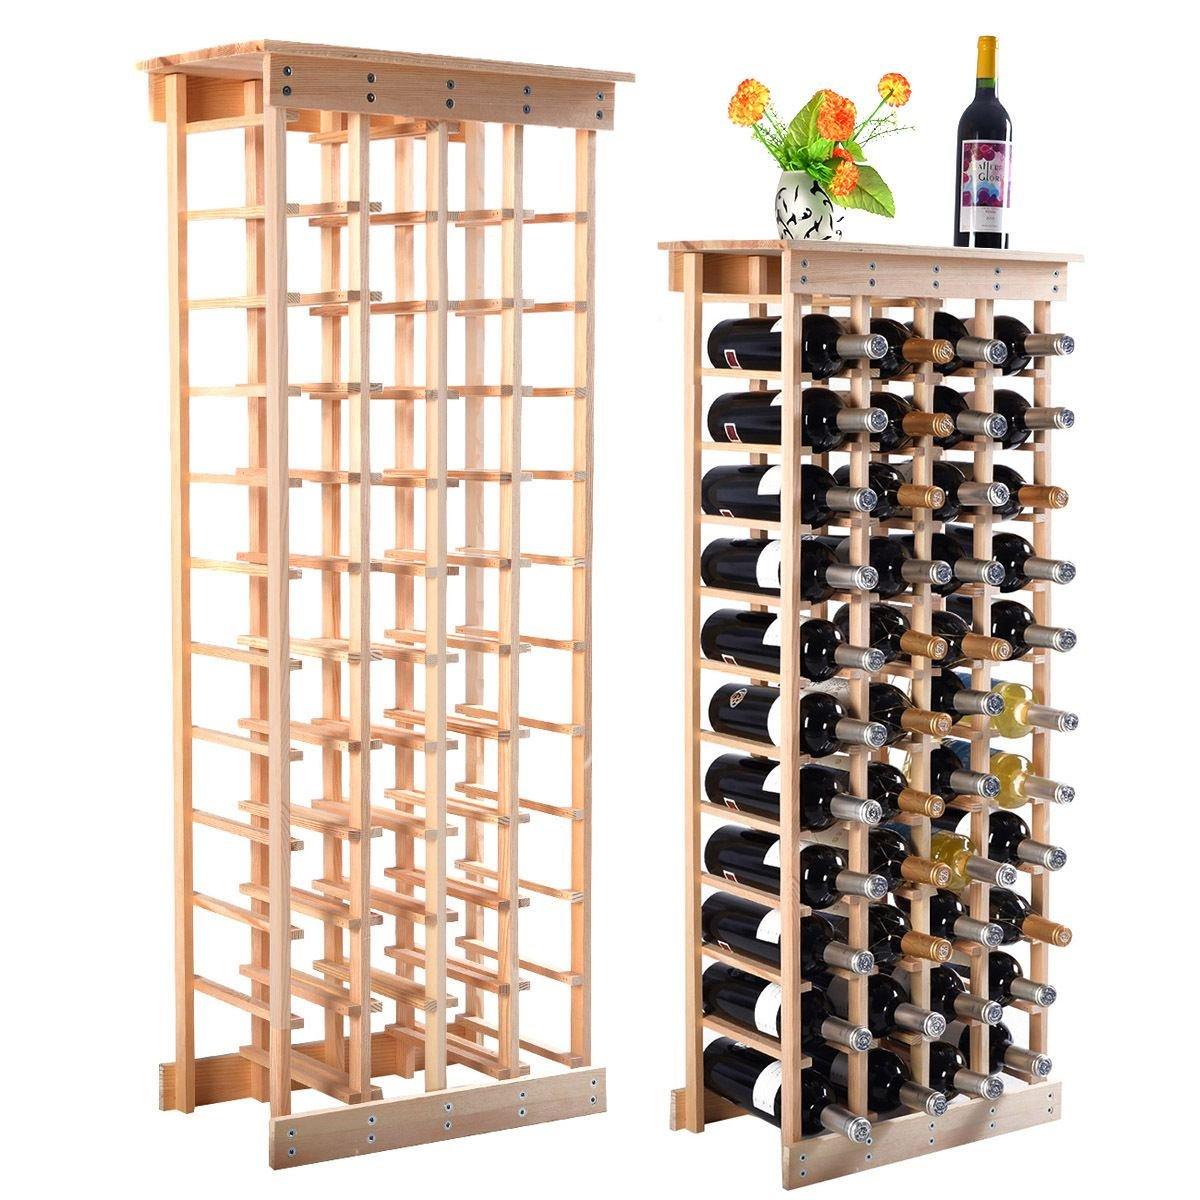 MasterPanel - 44 Bottle Wood Wine Rack Storage Display Shelves Kitchen Decor Natural #TP3355